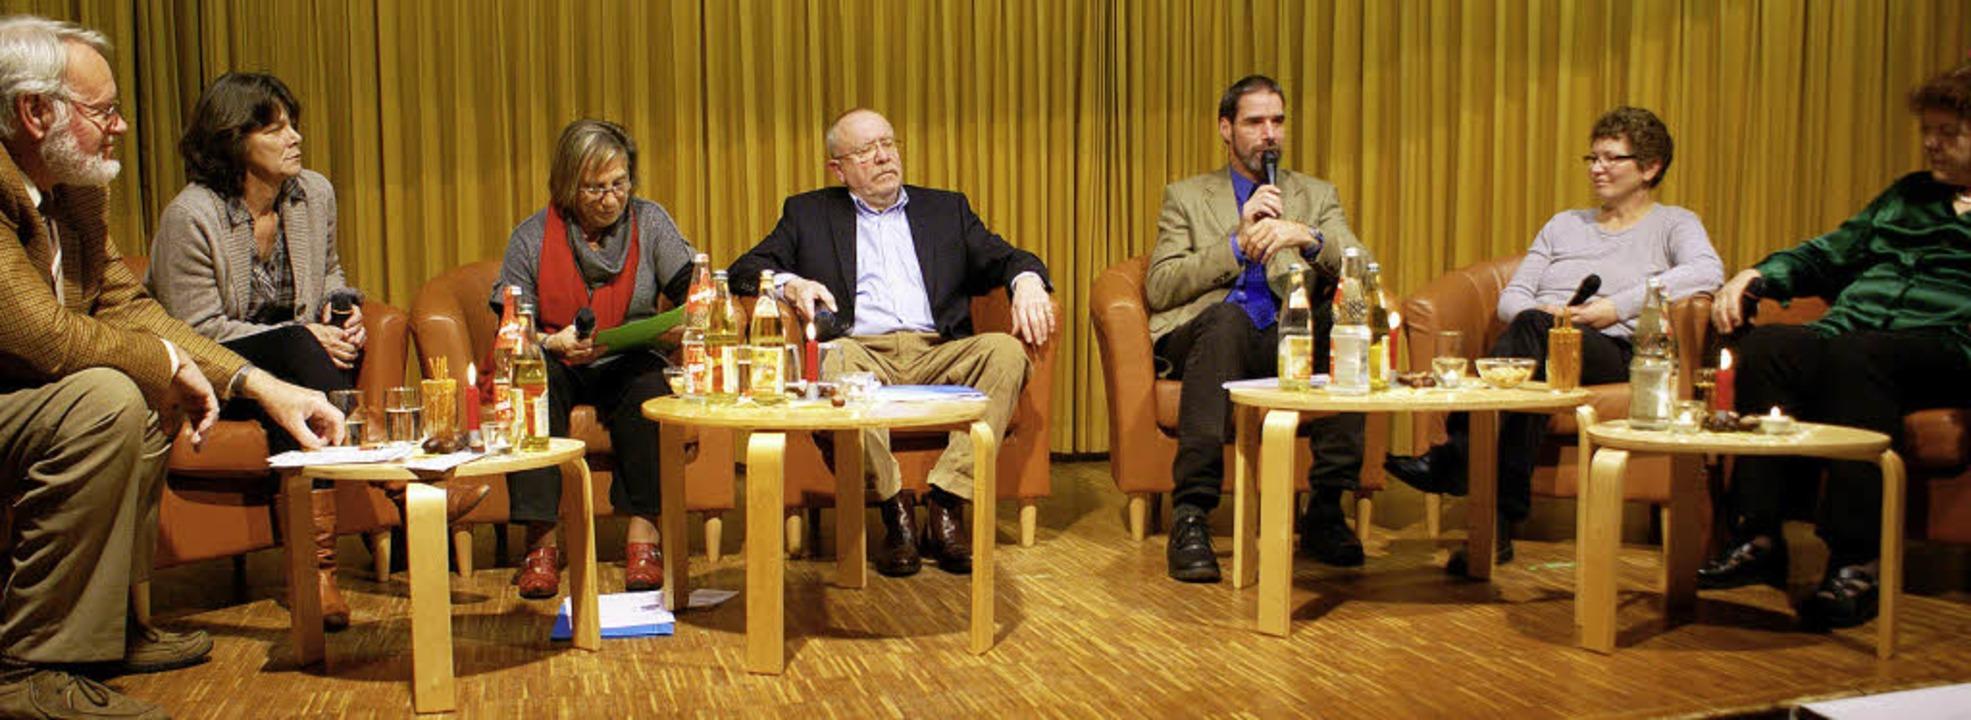 Die Teilnehmer der Podiumsdiskussion u...n, Erika Scharbatke und Elke Schupp.    | Foto: Werner Probst